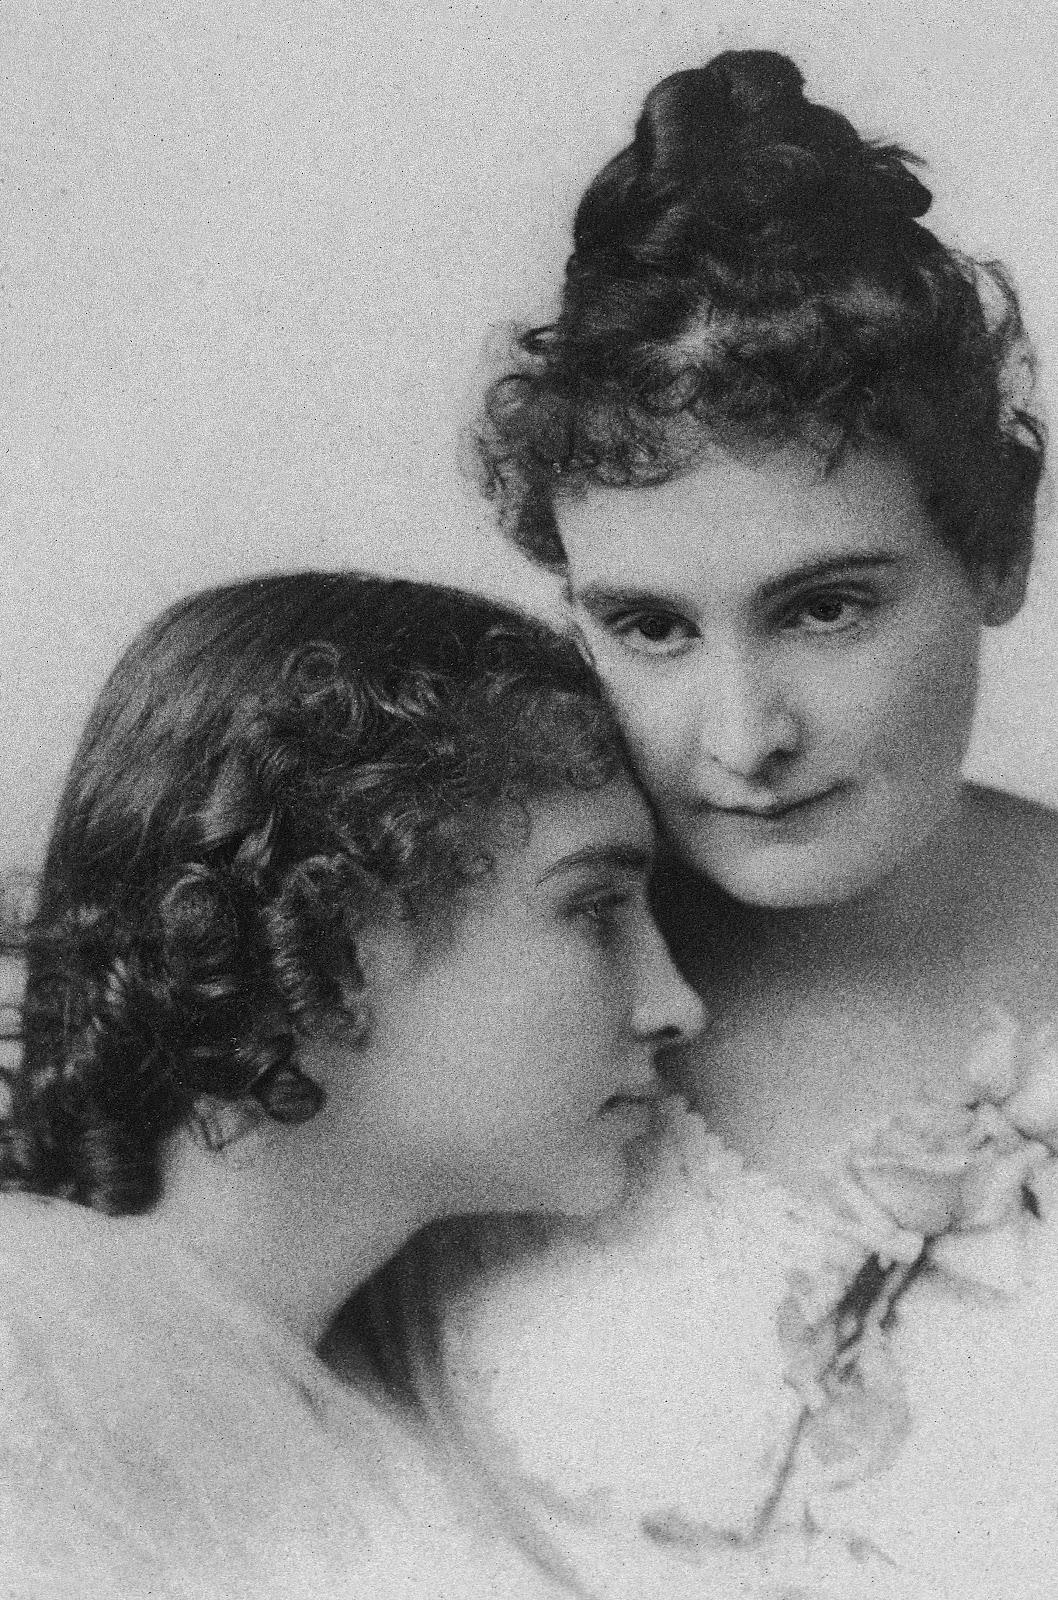 Helen Keller & Anne Sullivan, undated.